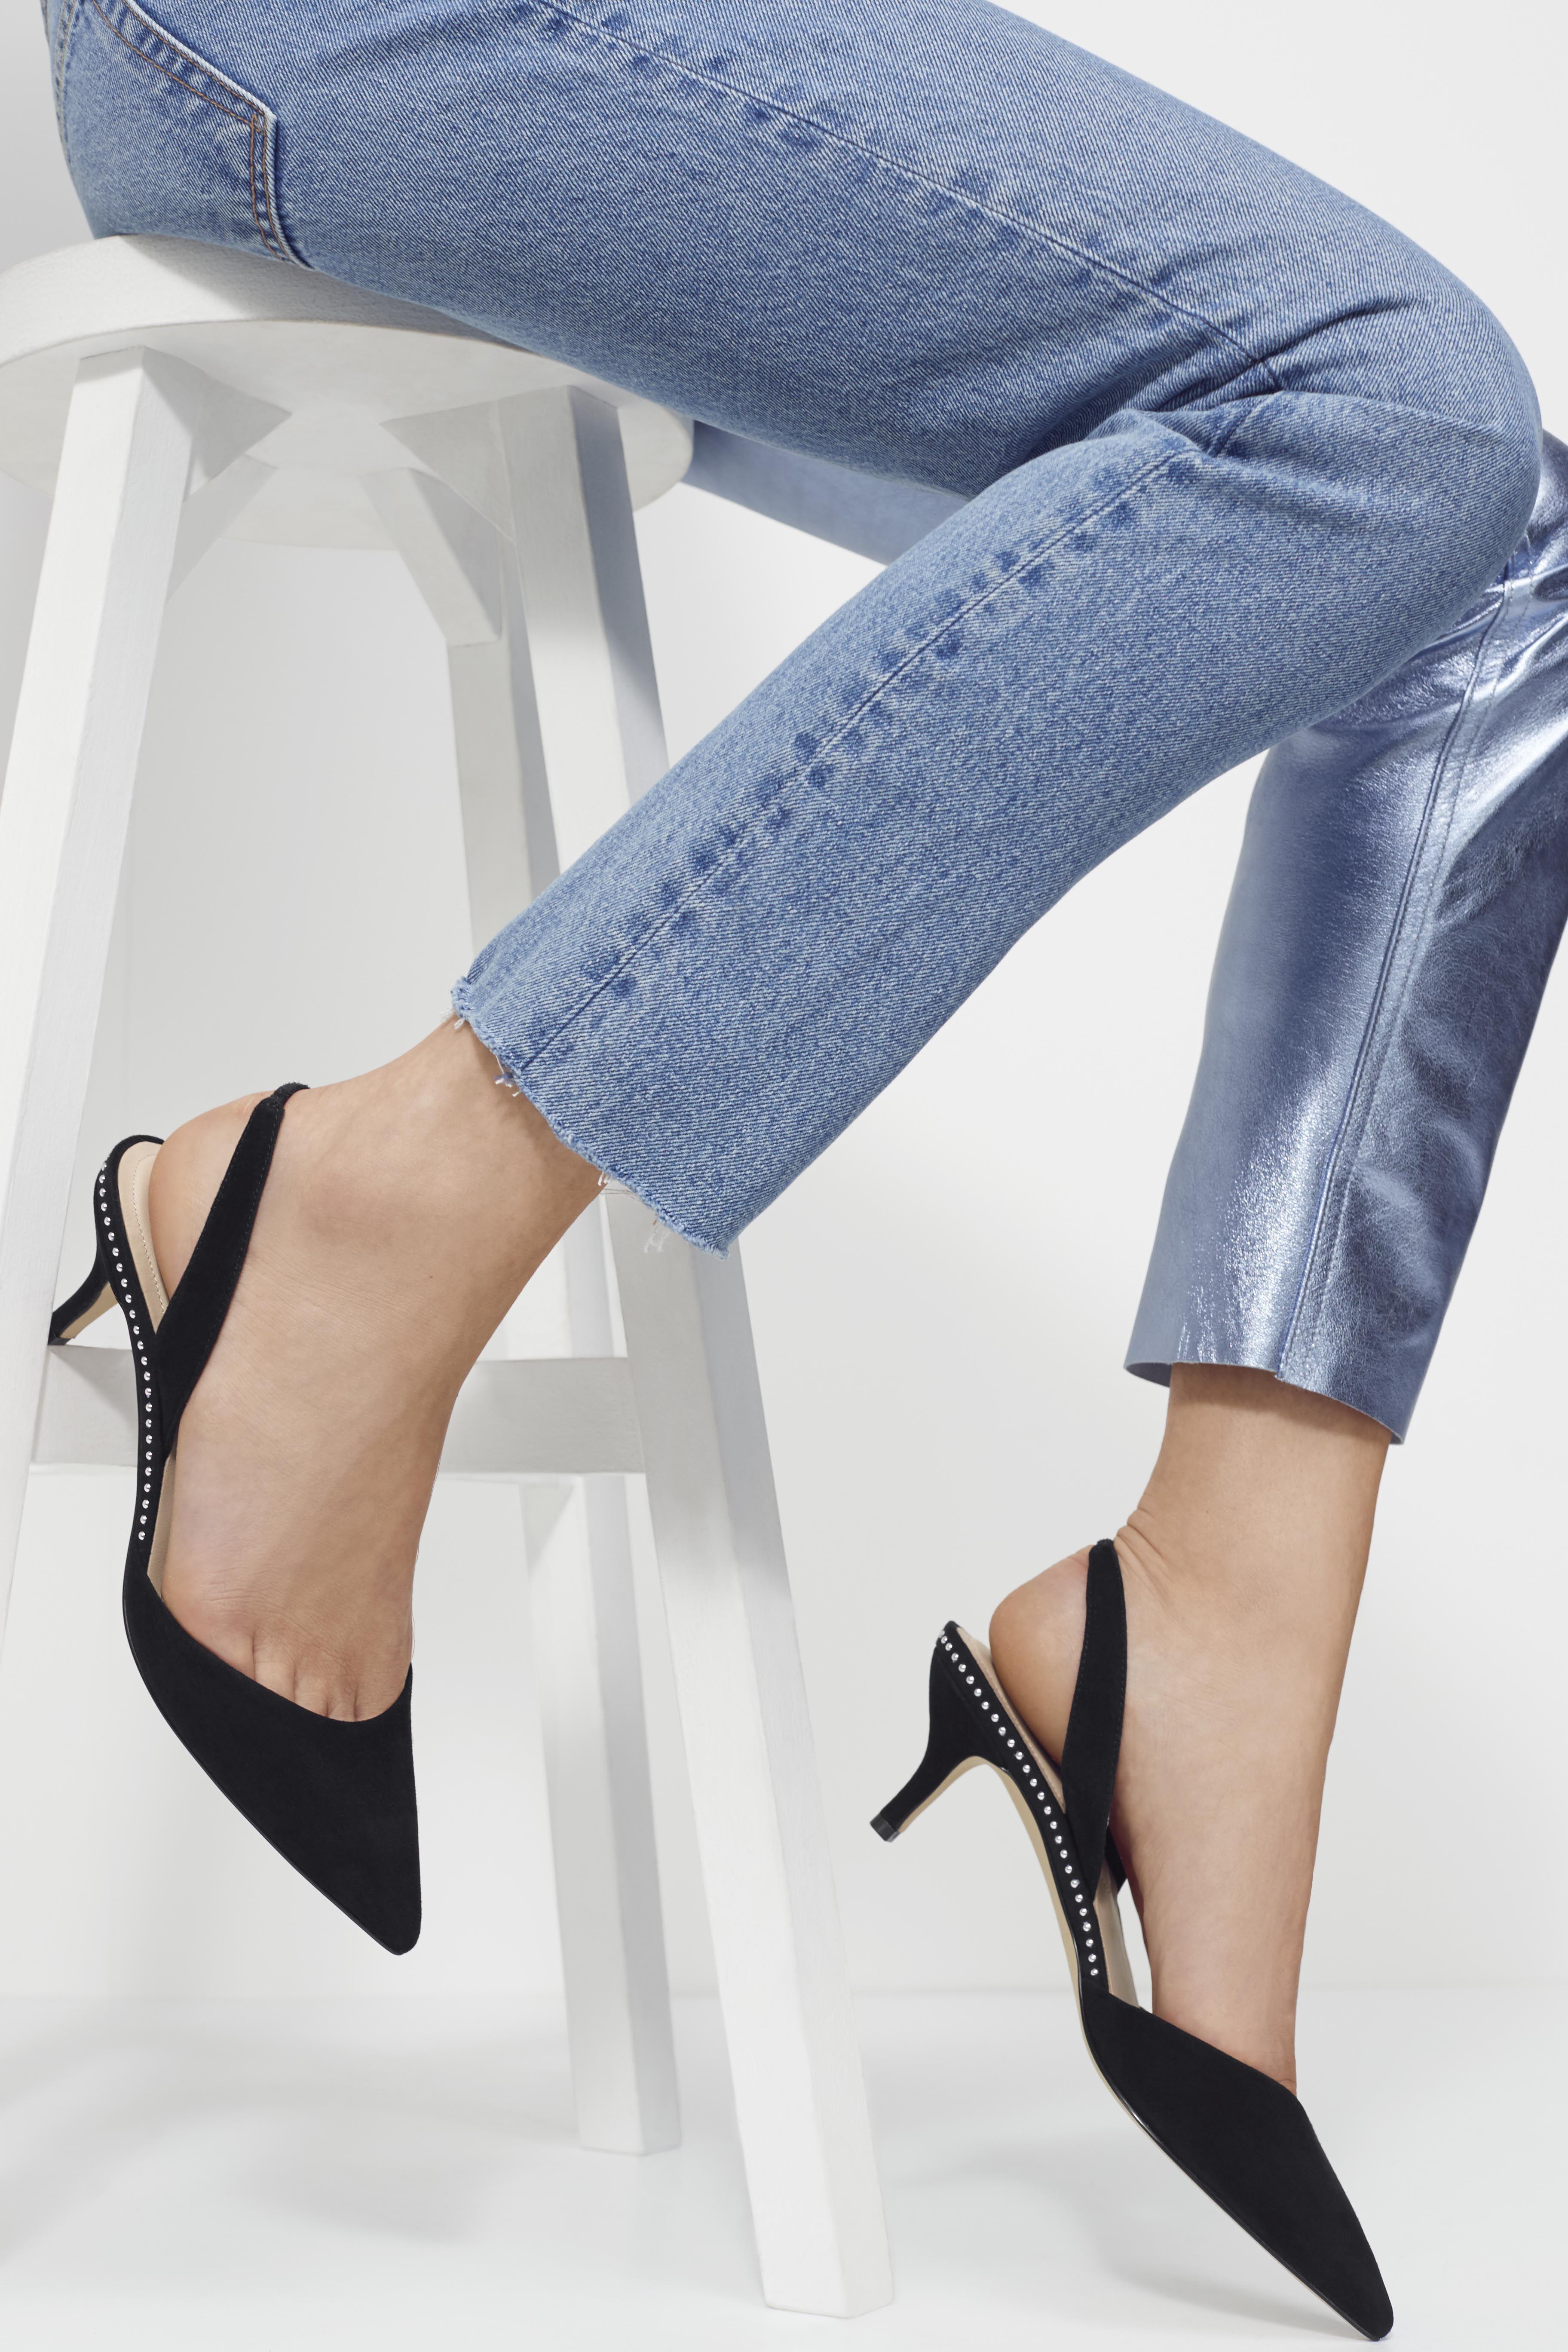 Creranna Pink Women S Heels Aldo Us Heels Women Shoes Black Kitten Heels